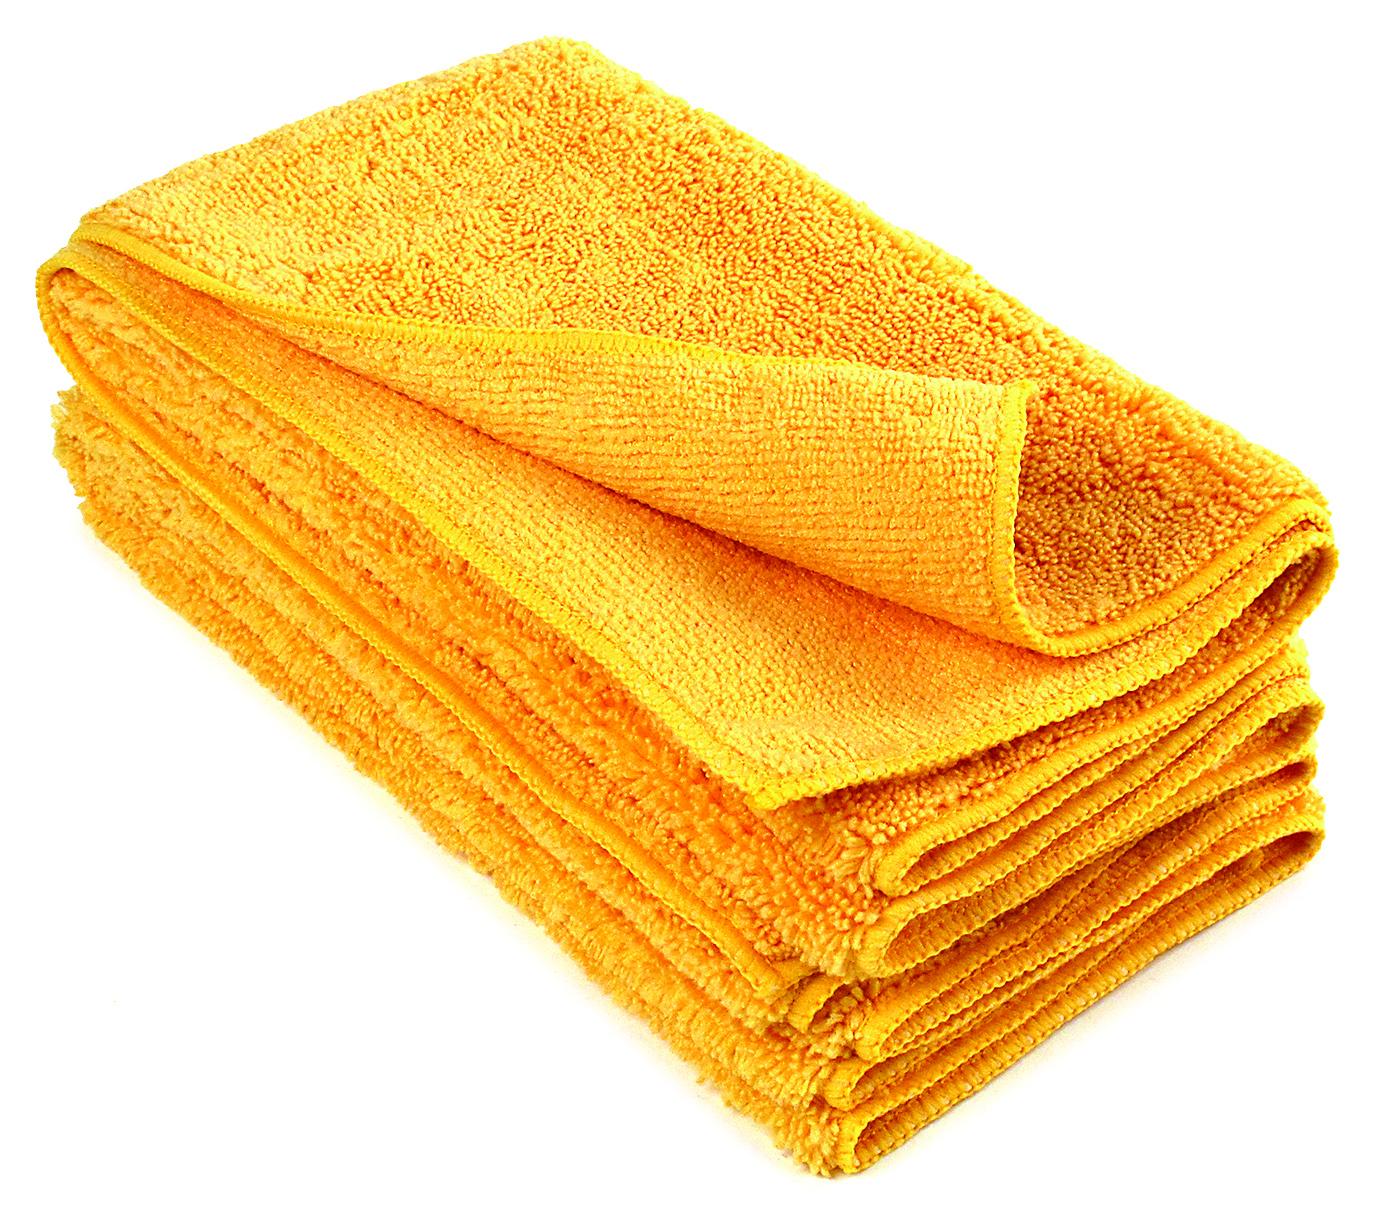 Microfiber Detailing Towels: Microfiber Detail Towels